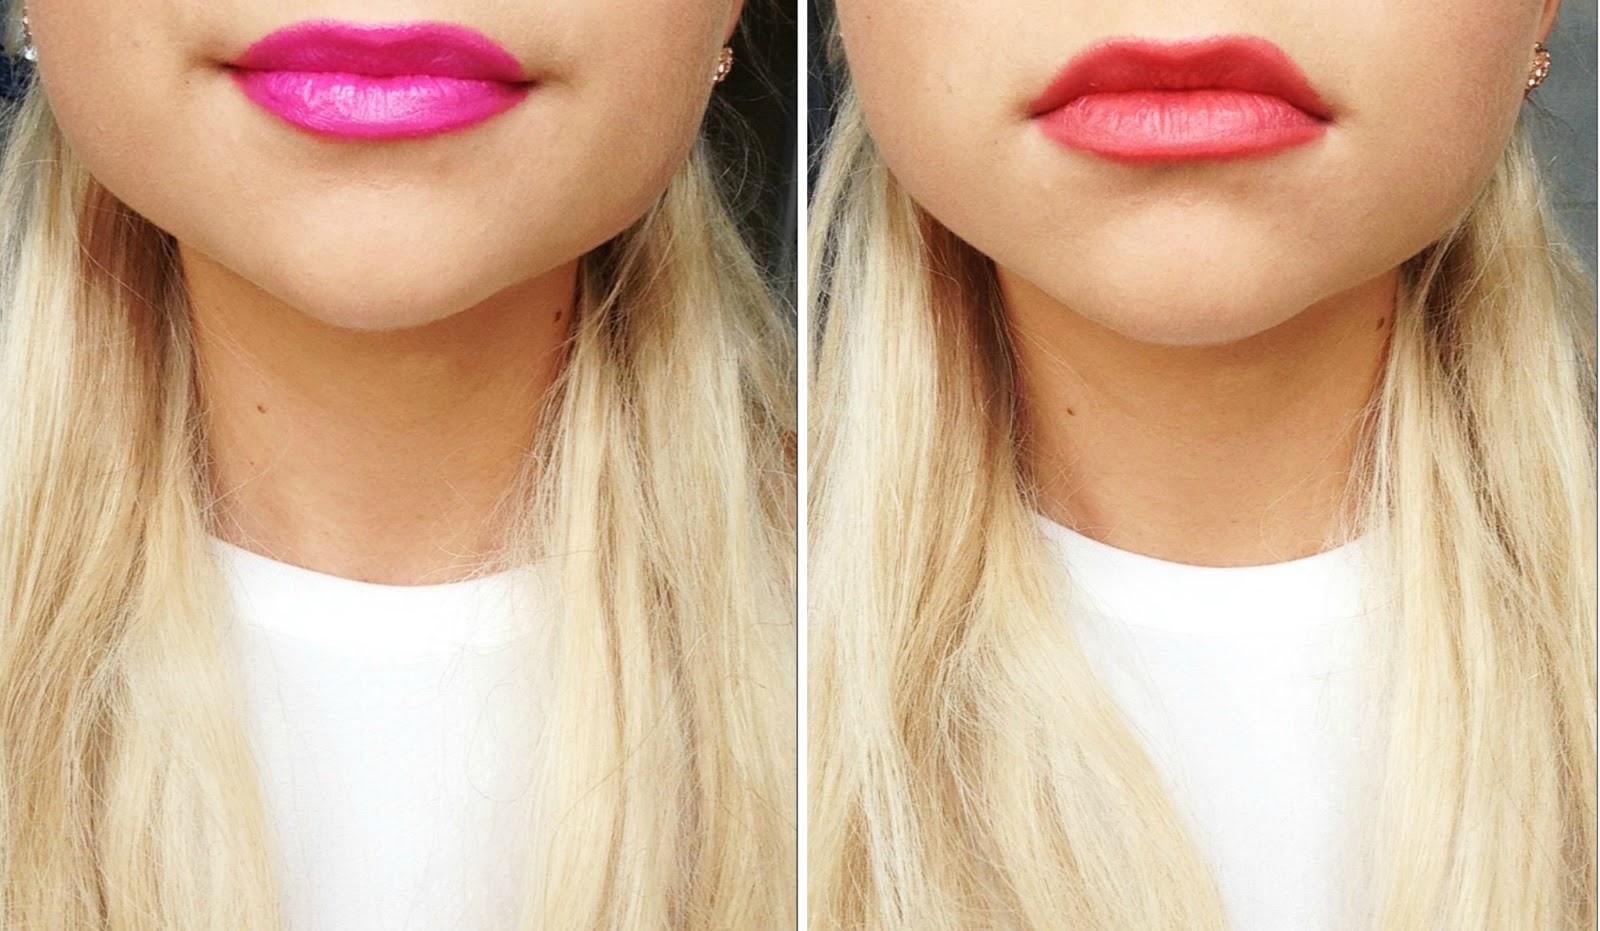 Fashionista Ultra Pink MUA Shade 16 Nectar